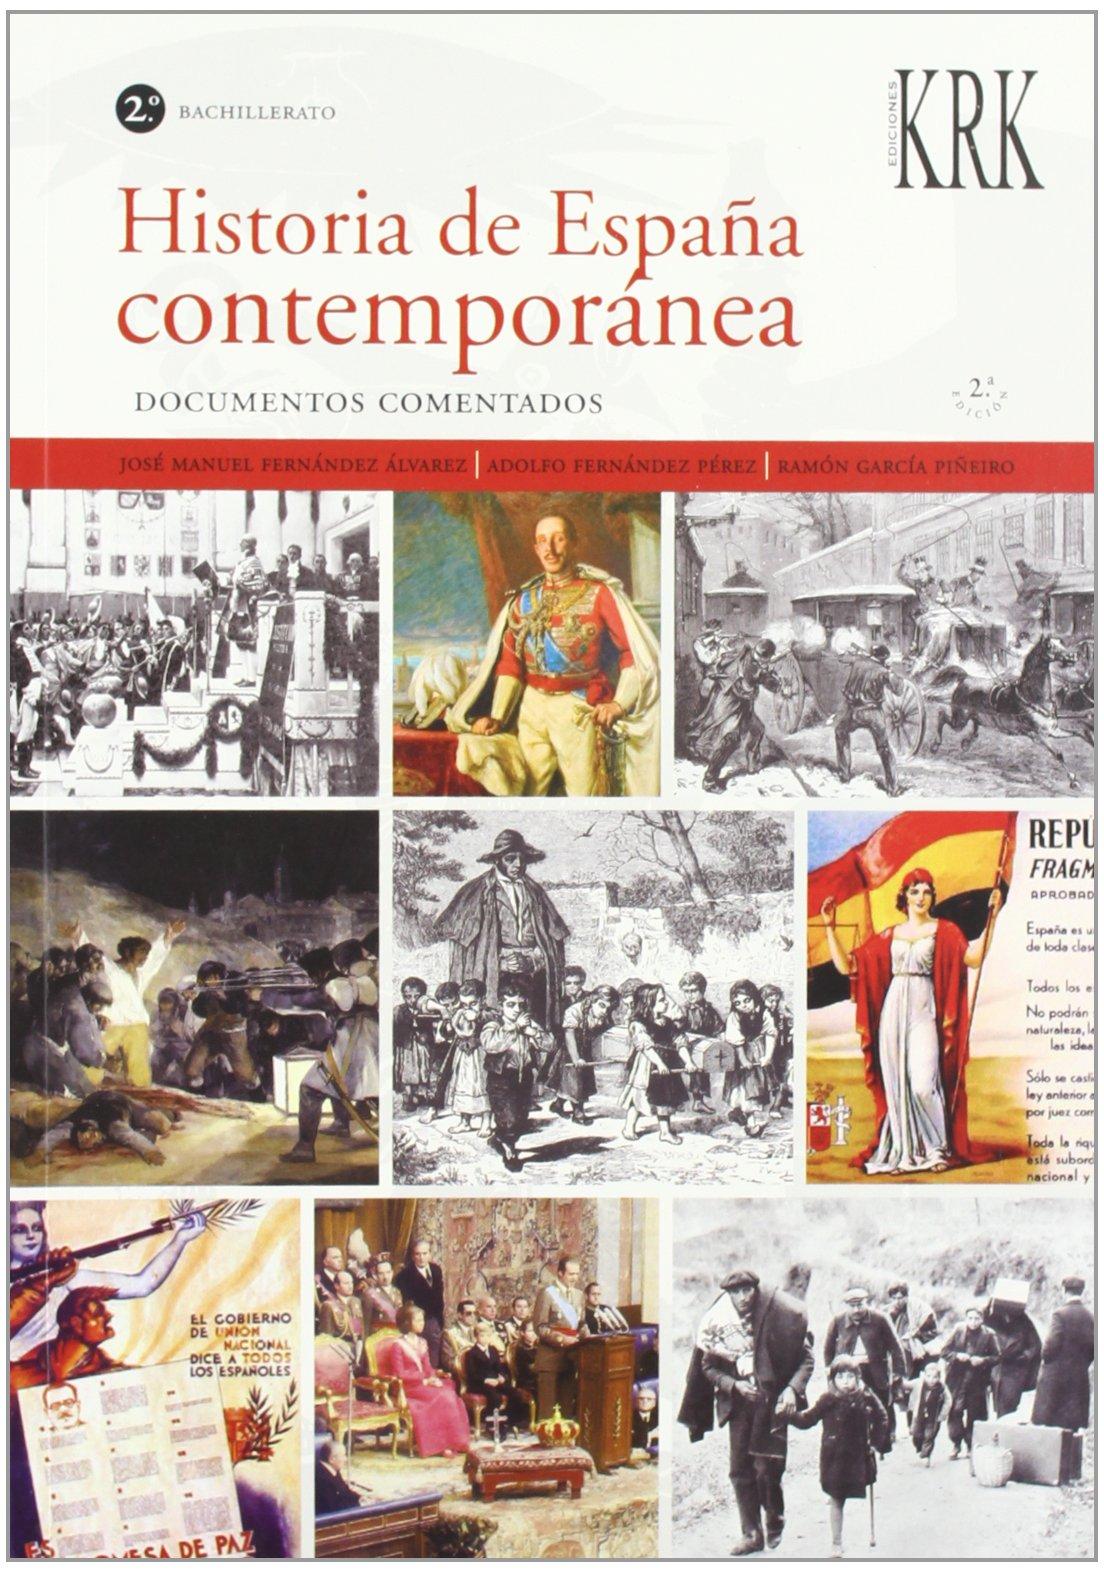 Historia de España contemporanea 2º bachillerato. documentos comentados: Amazon.es: FERNANDEZ, GARCIA: Libros